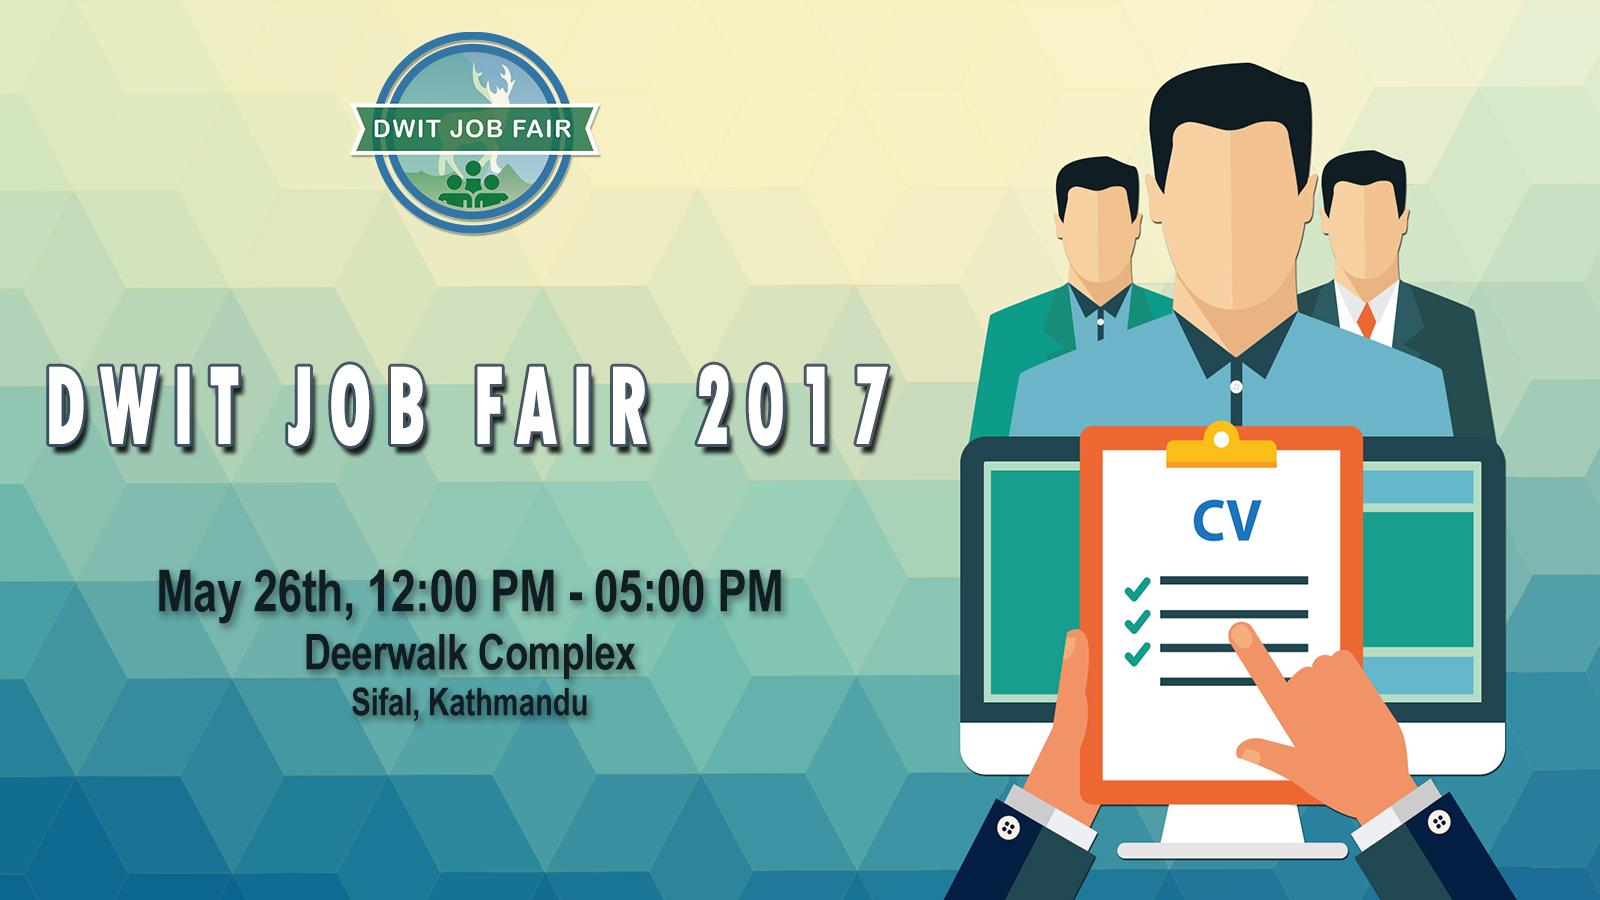 dwit job fair